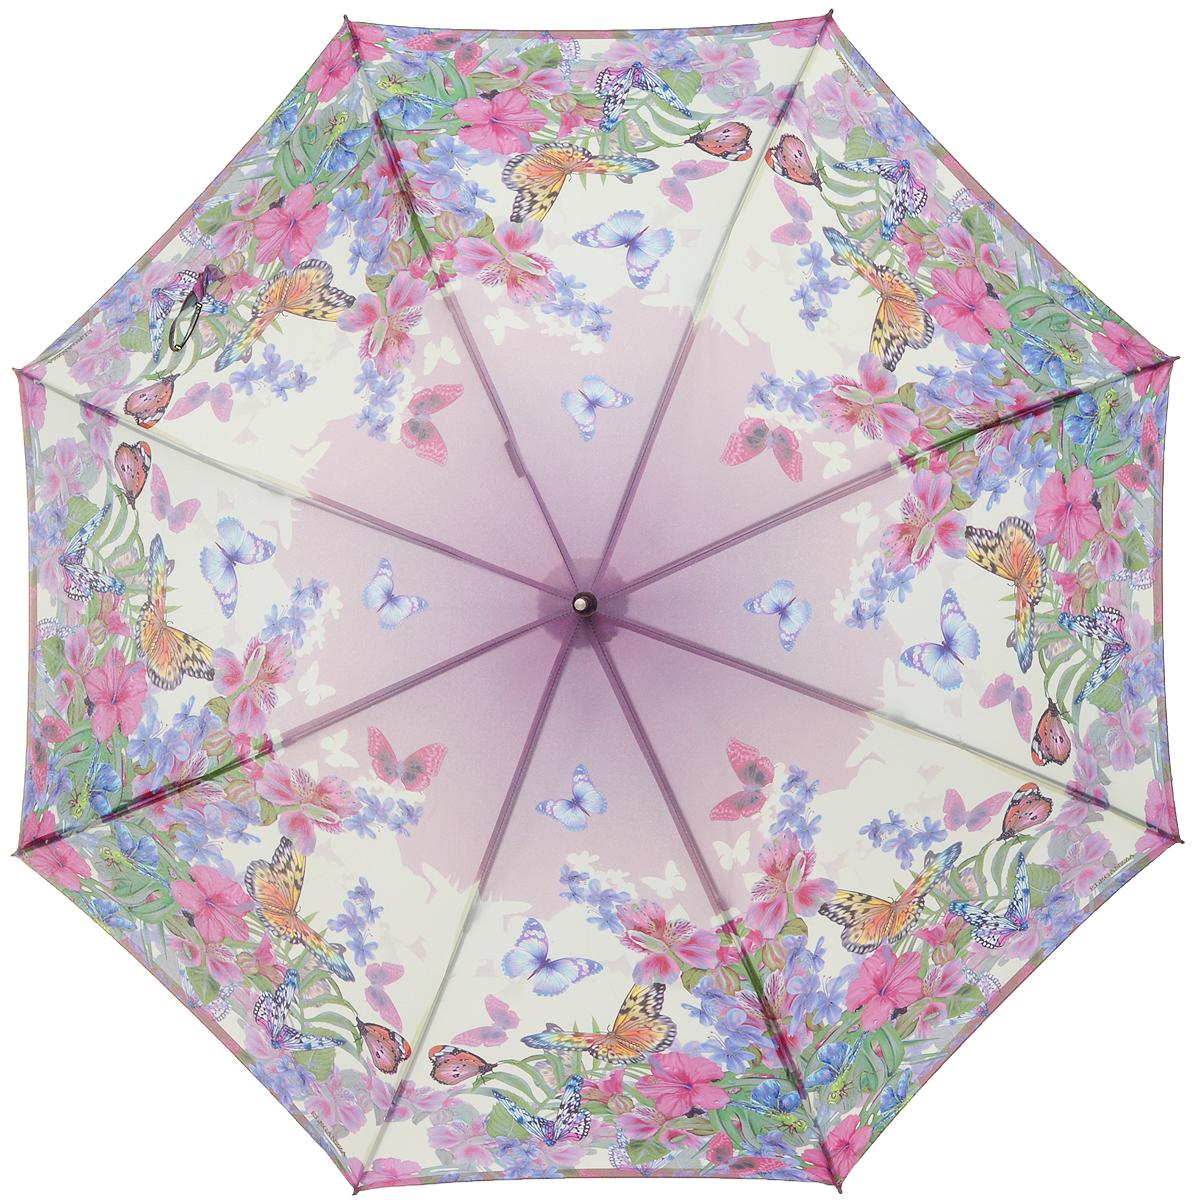 Зонт-трость женский Eleganzza, полуавтомат, 3 сложения, цвет: розовый. T-06-0299T-06-0299Элегантный женский зонт-трость Eleganzza не оставит вас незамеченной. Изделие оформлено оригинальным принтом в виде цветов и бабочек. Зонт состоит из восьми спиц и стержня, изготовленных из стали и фибергласса. Купол выполнен из качественного полиэстера и эпонж, которые не пропускают воду. Зонт дополнен удобной ручкой из акрила, которая имеет форму крючка. Также зонт имеет заостренный наконечник, который устраняет попадание воды на стержень и уберегает зонт от повреждений. Изделие имеет полуавтоматический механизм сложения: купол открывается нажатием кнопки на ручке, а складывается вручную до характерного щелчка. Оригинальный и практичный аксессуар даже в ненастную погоду позволит вам оставаться женственной и привлекательной.